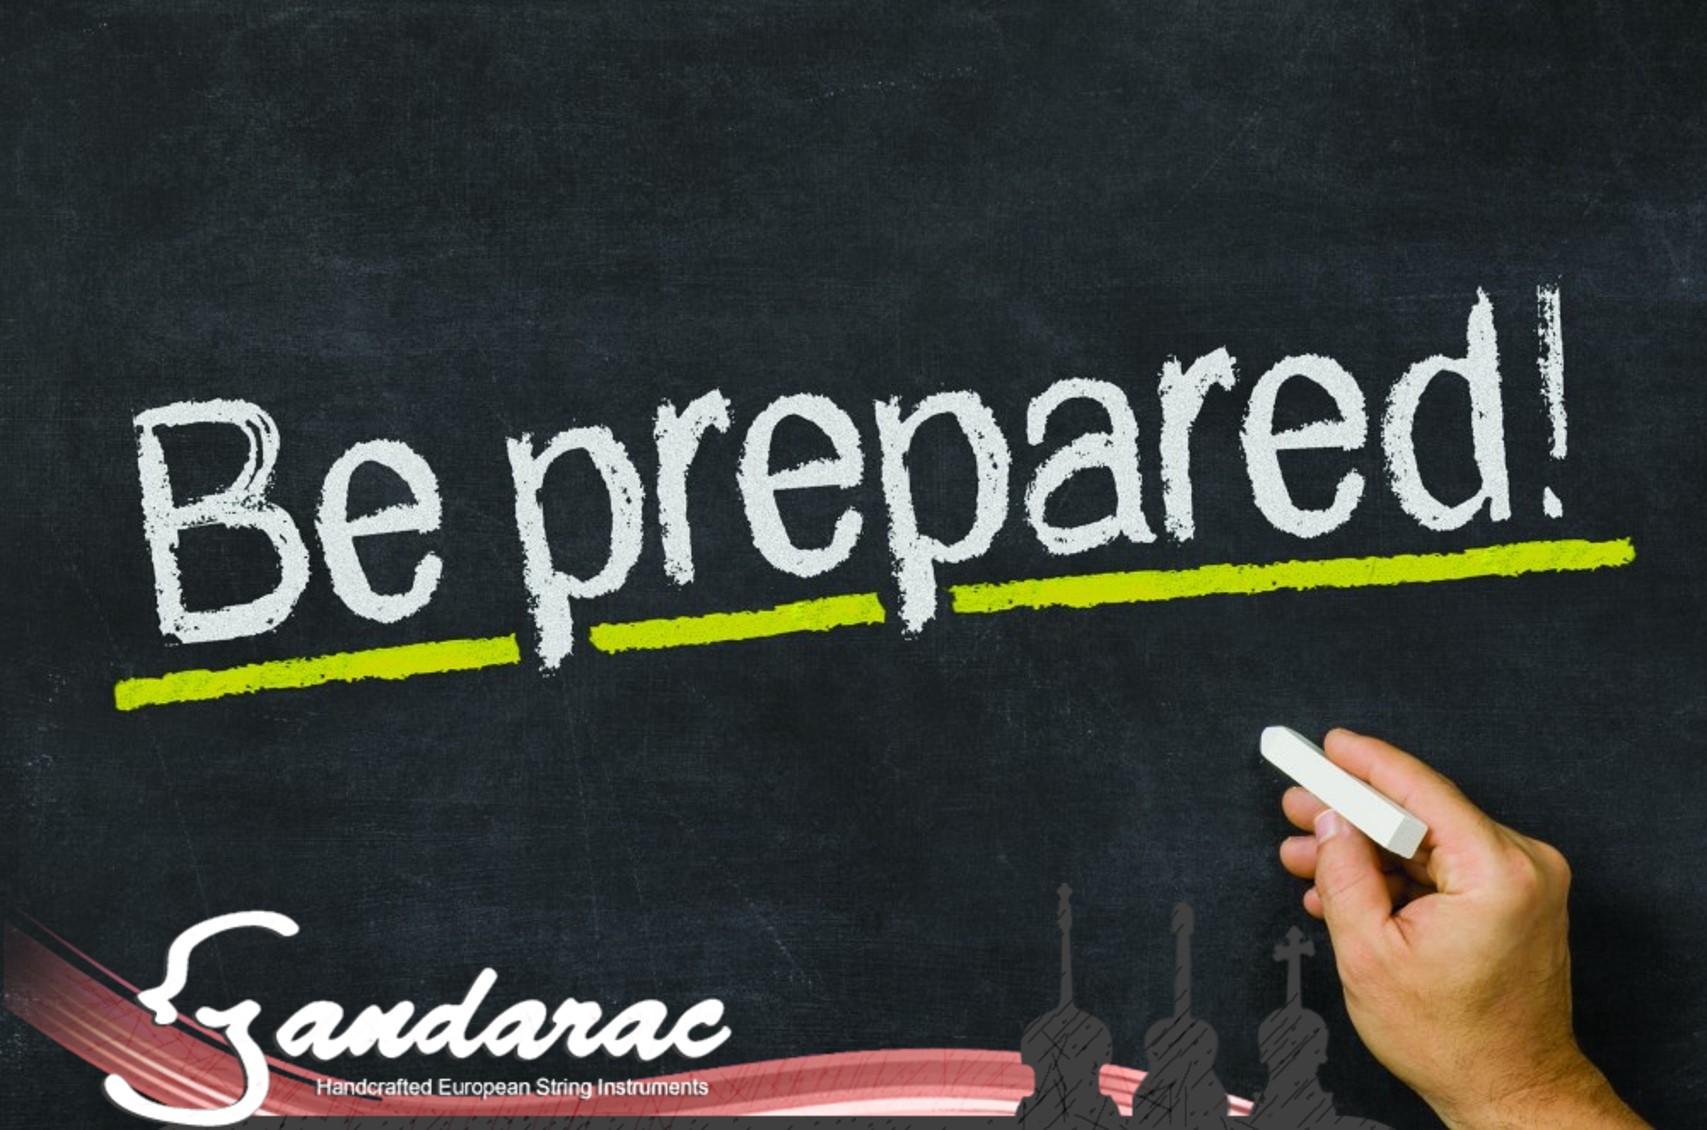 30 - be prepared